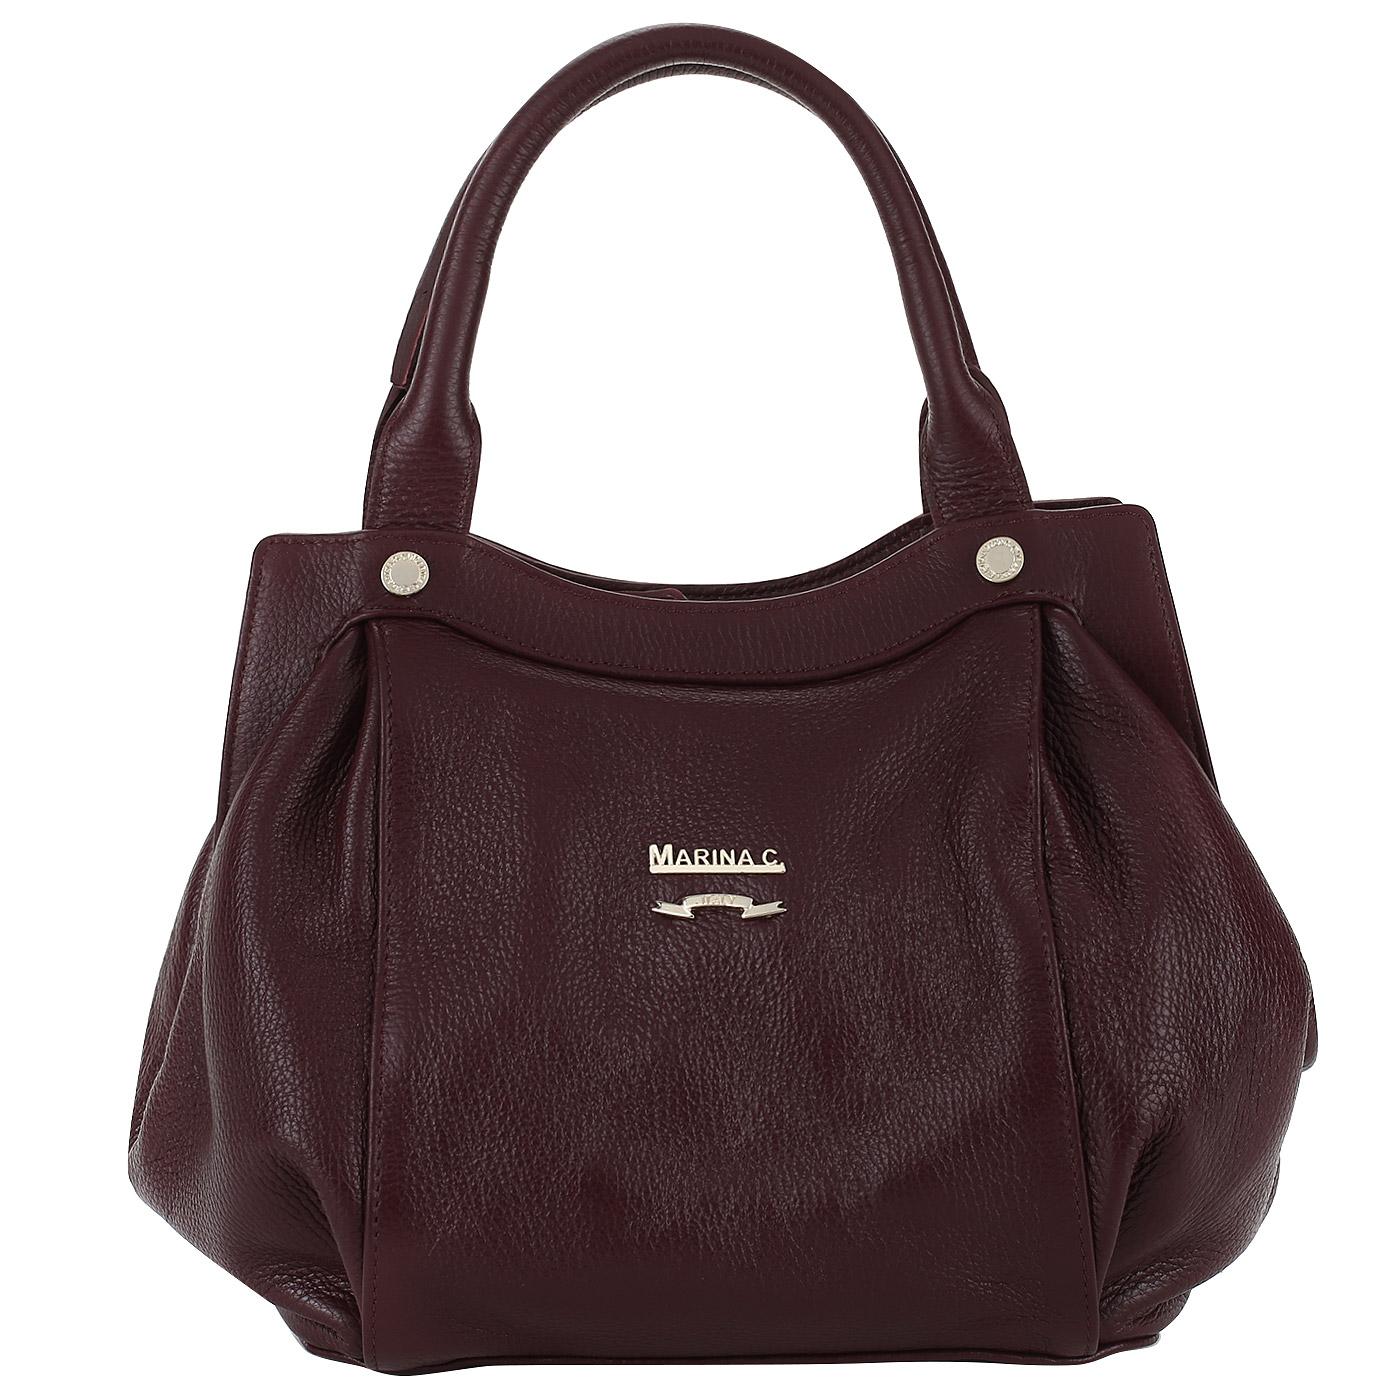 d02670a9f4be Бордовая кожаная сумка Marina Creazioni Бордовая кожаная сумка Marina  Creazioni ...